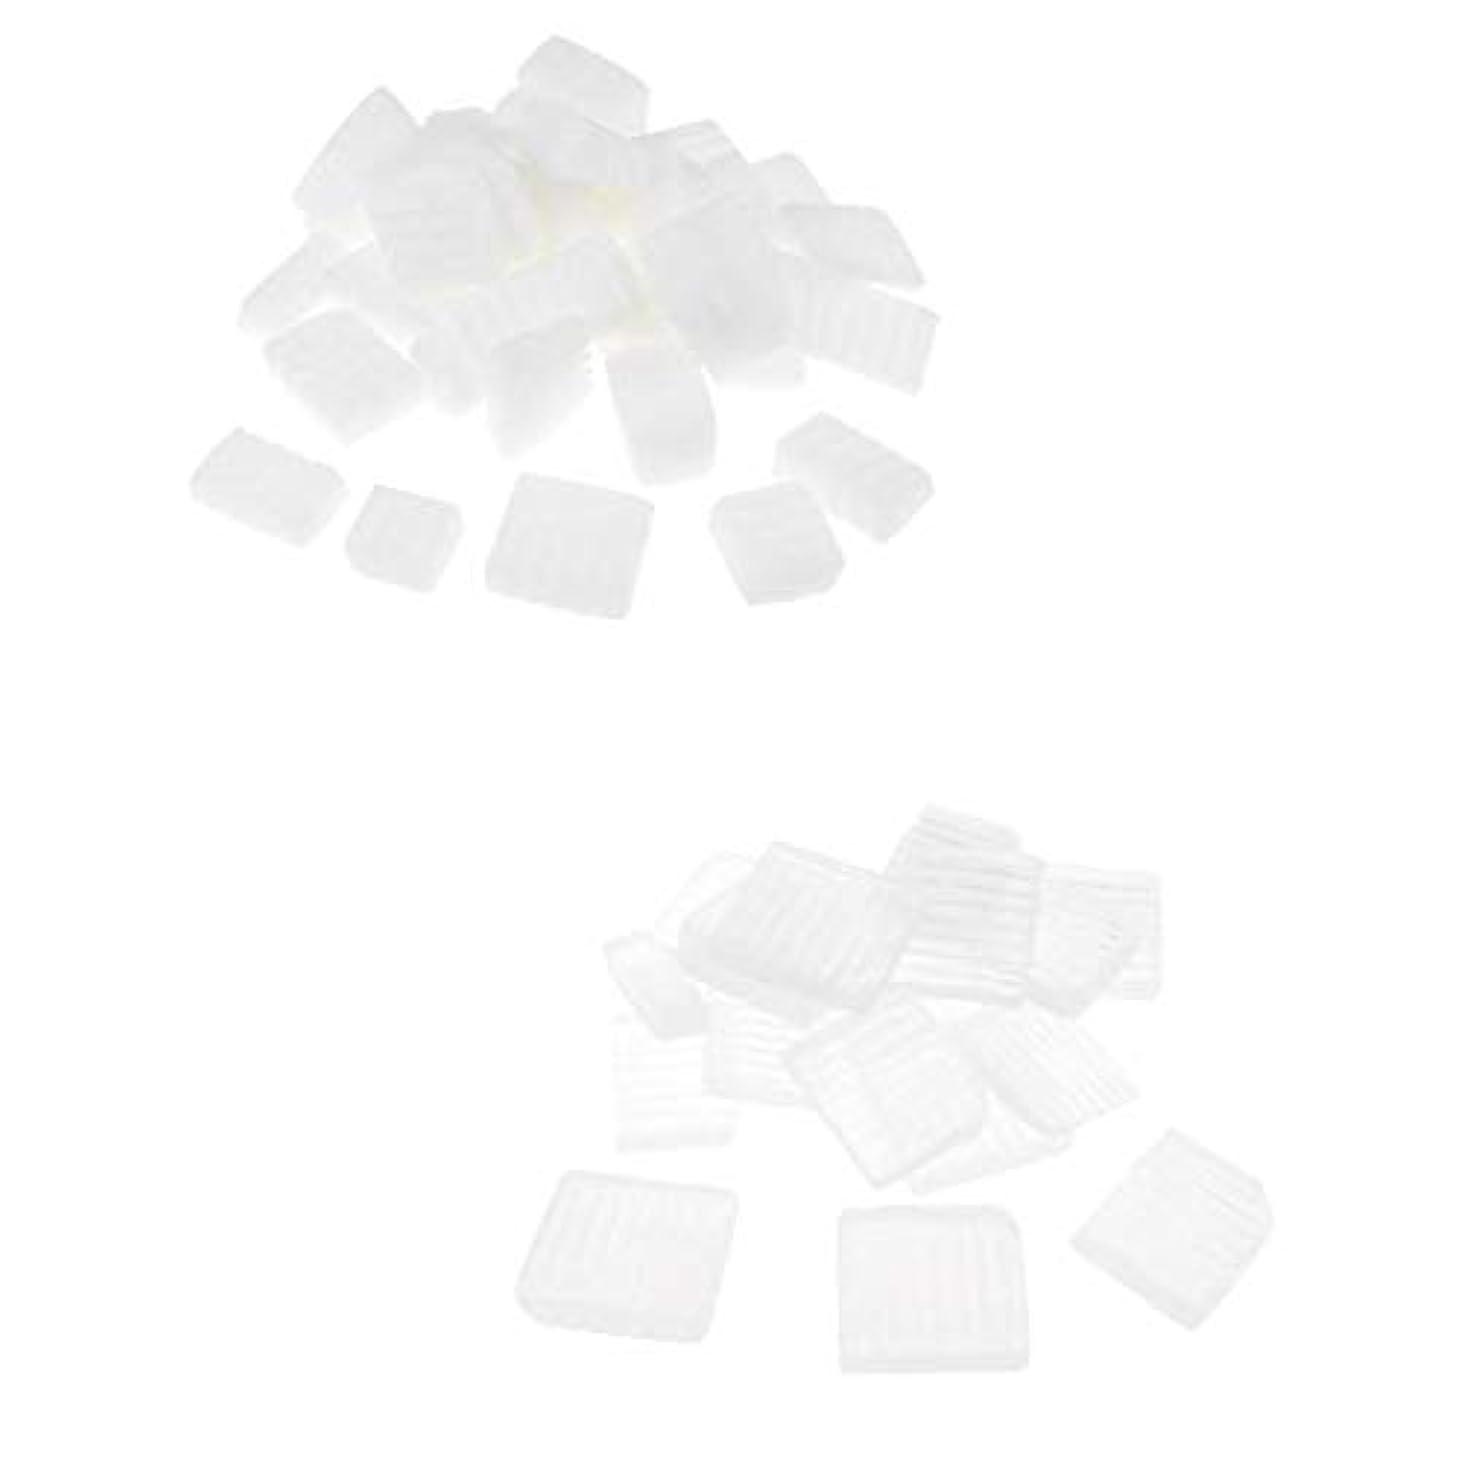 待つスカリーめるPerfeclan 固形せっけん ホワイト透明 手芸 バス用品 手作り ハンドメイド 石鹸製造 安全健康 2種混合